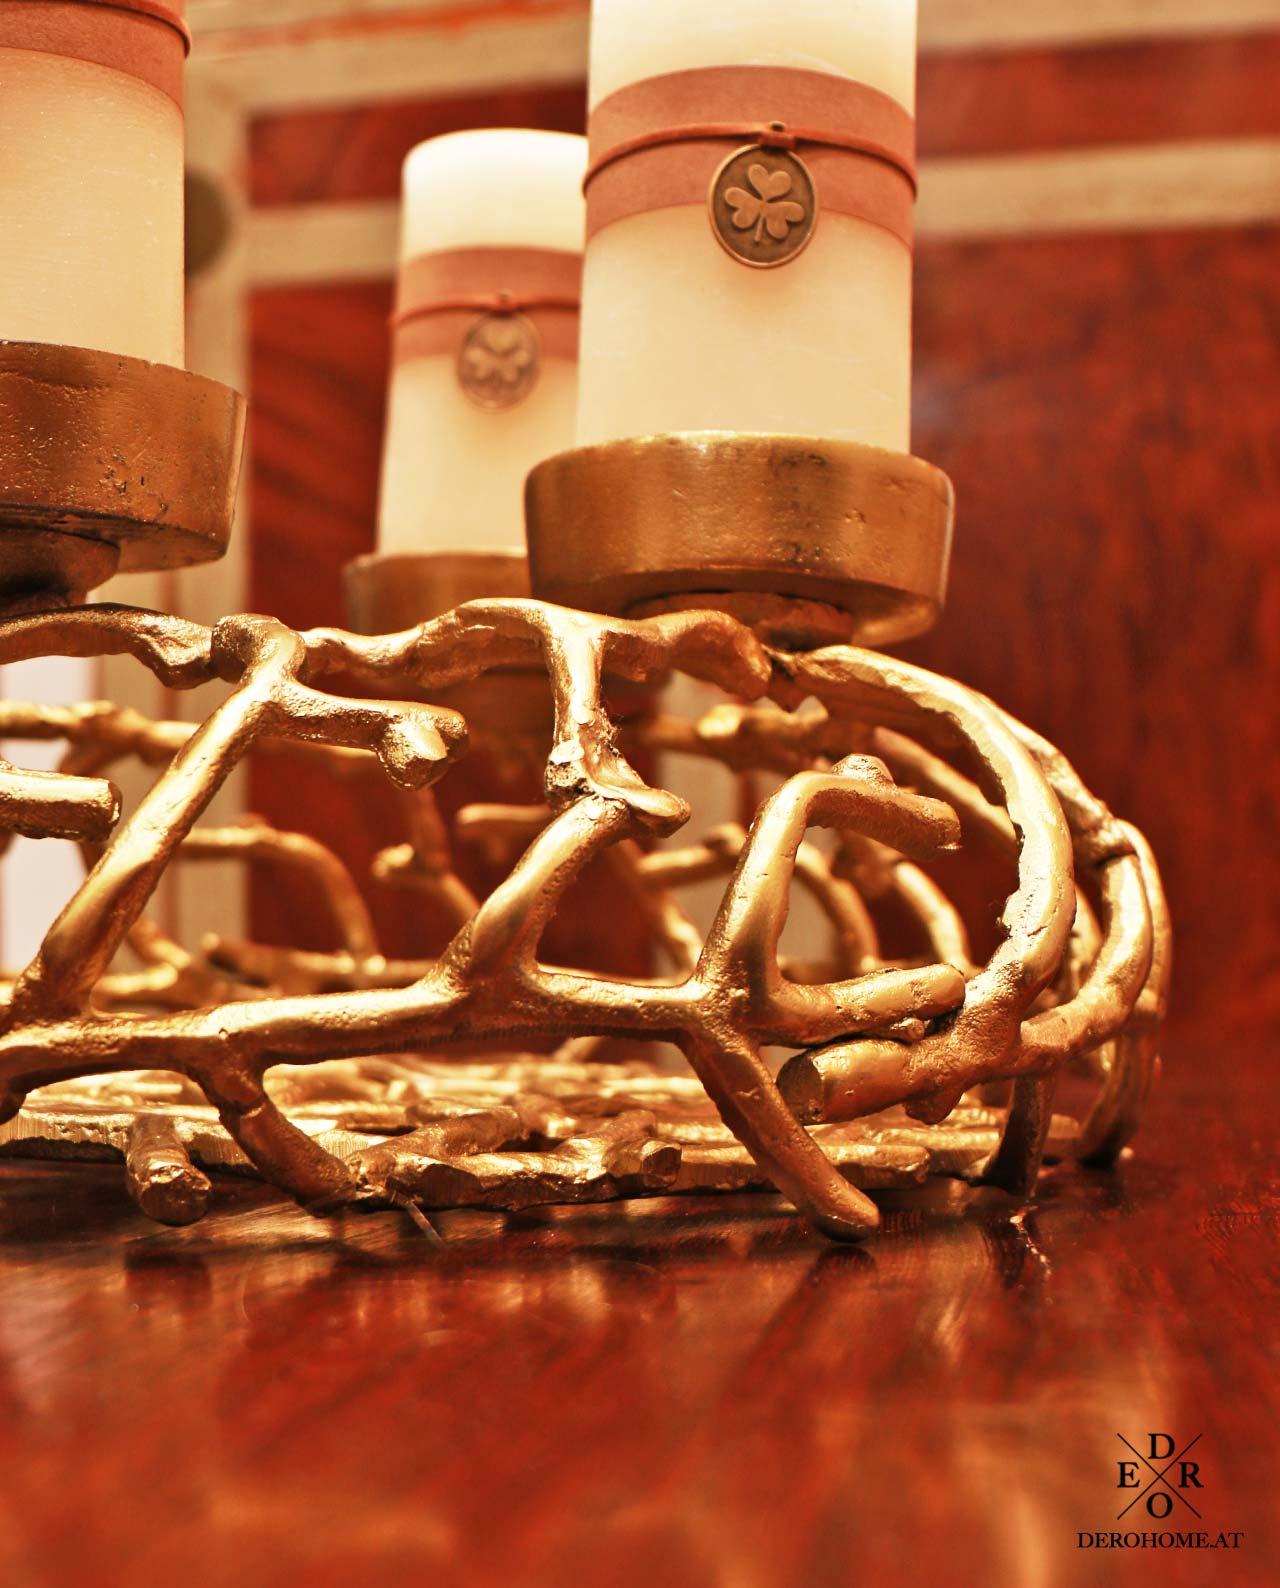 adventskranz noel gold 40 cm derohome at. Black Bedroom Furniture Sets. Home Design Ideas